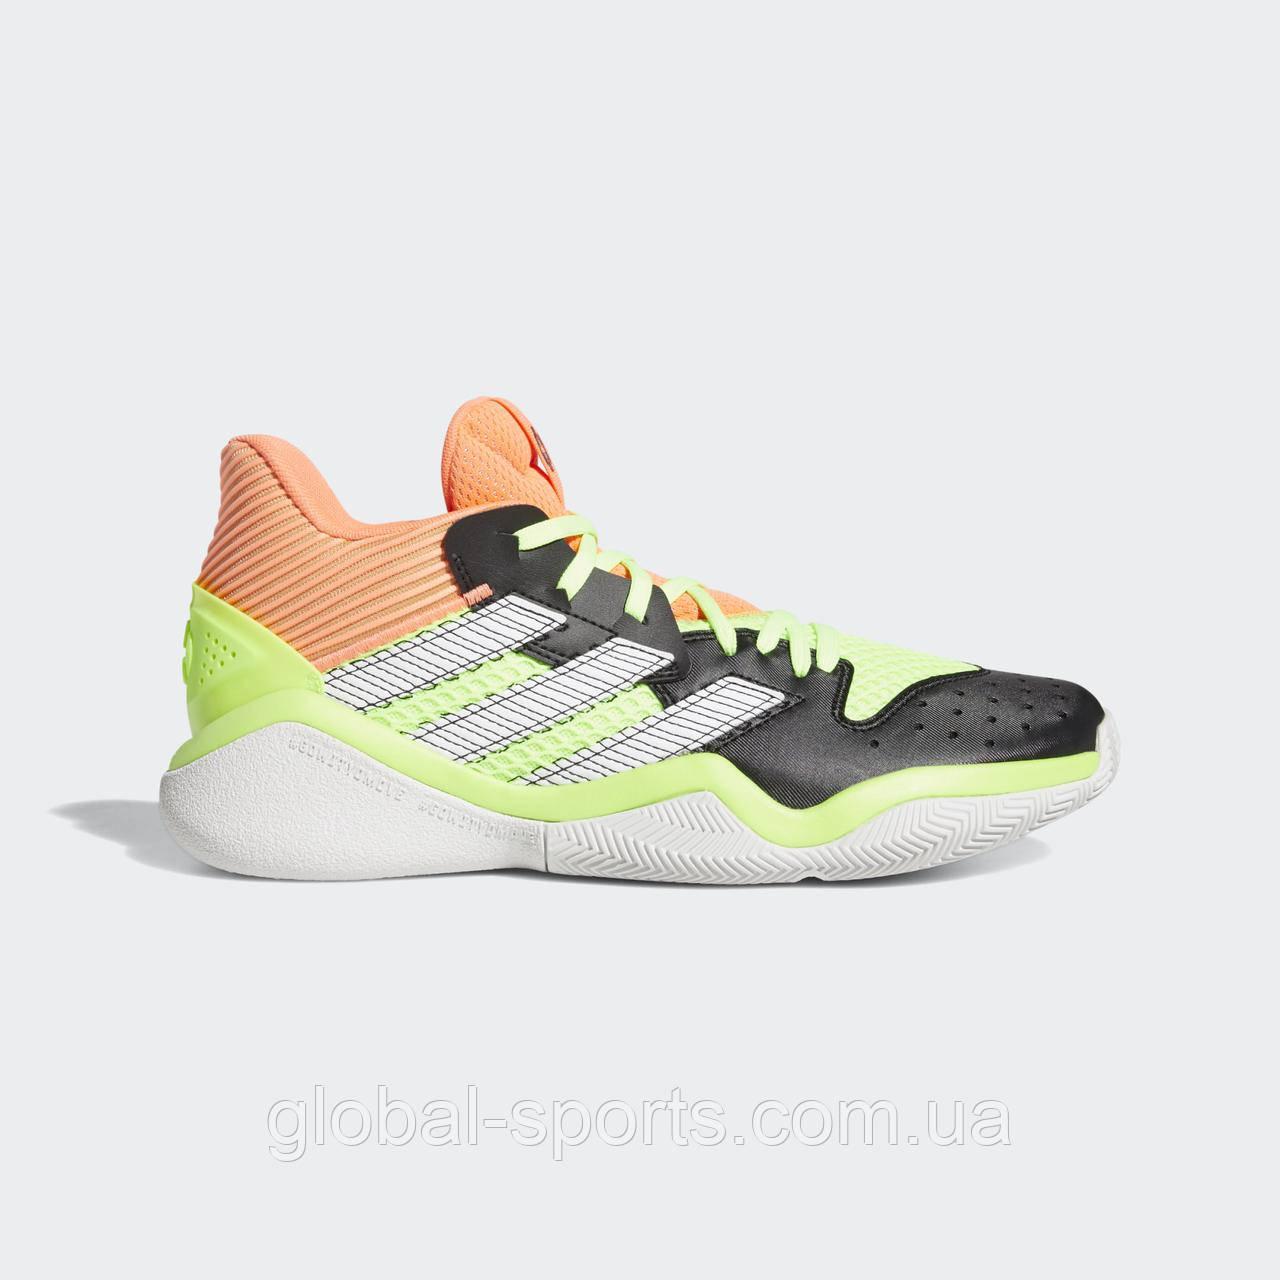 Баскетбольные кроссовки Adidas Harden Stepback (Артикул: EF9890)